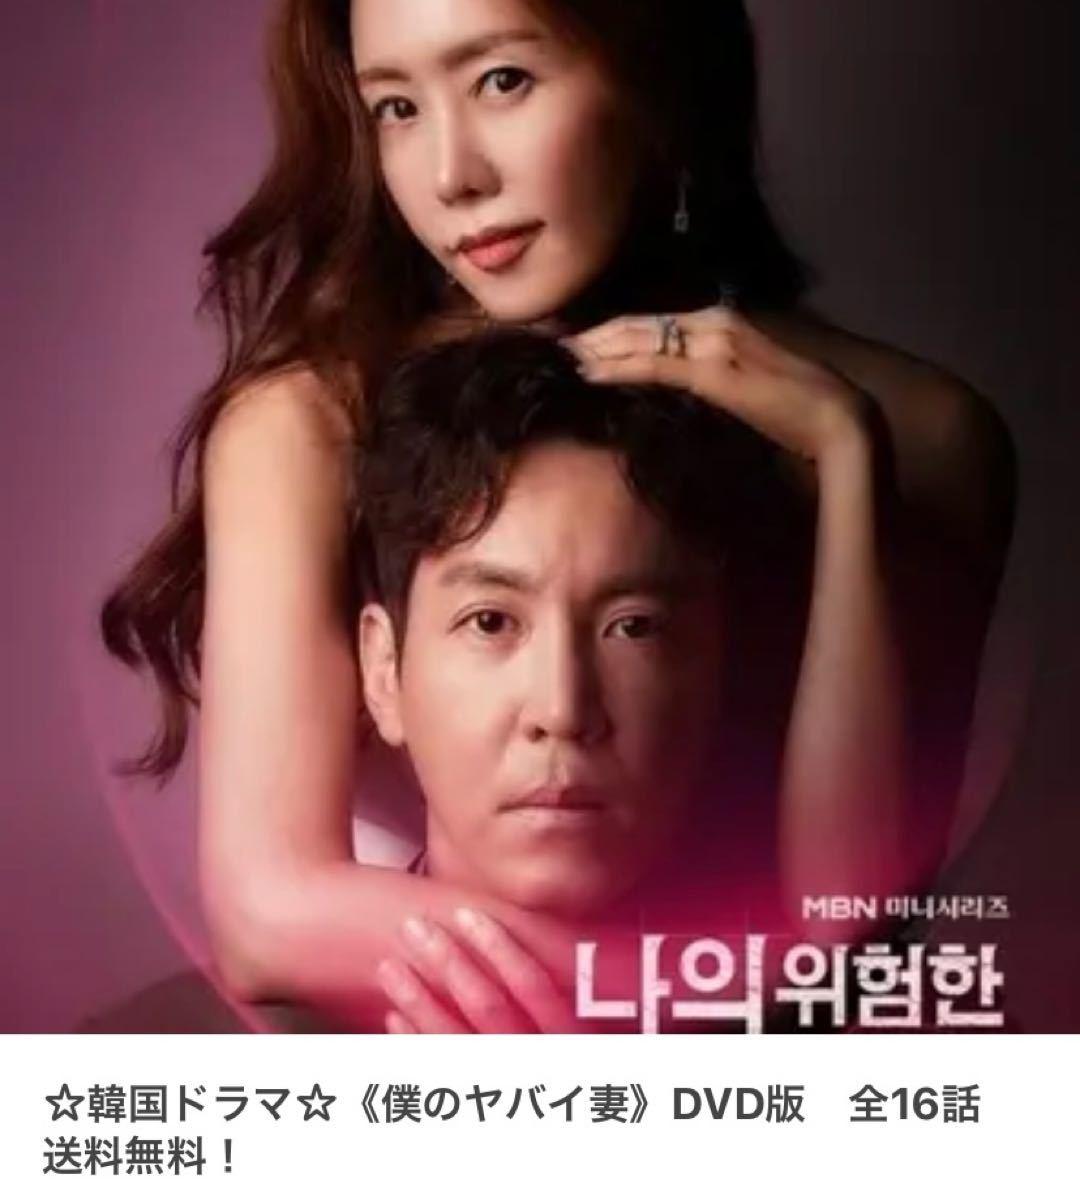 韓国ドラマ DVD 僕のヤバイ妻 全話